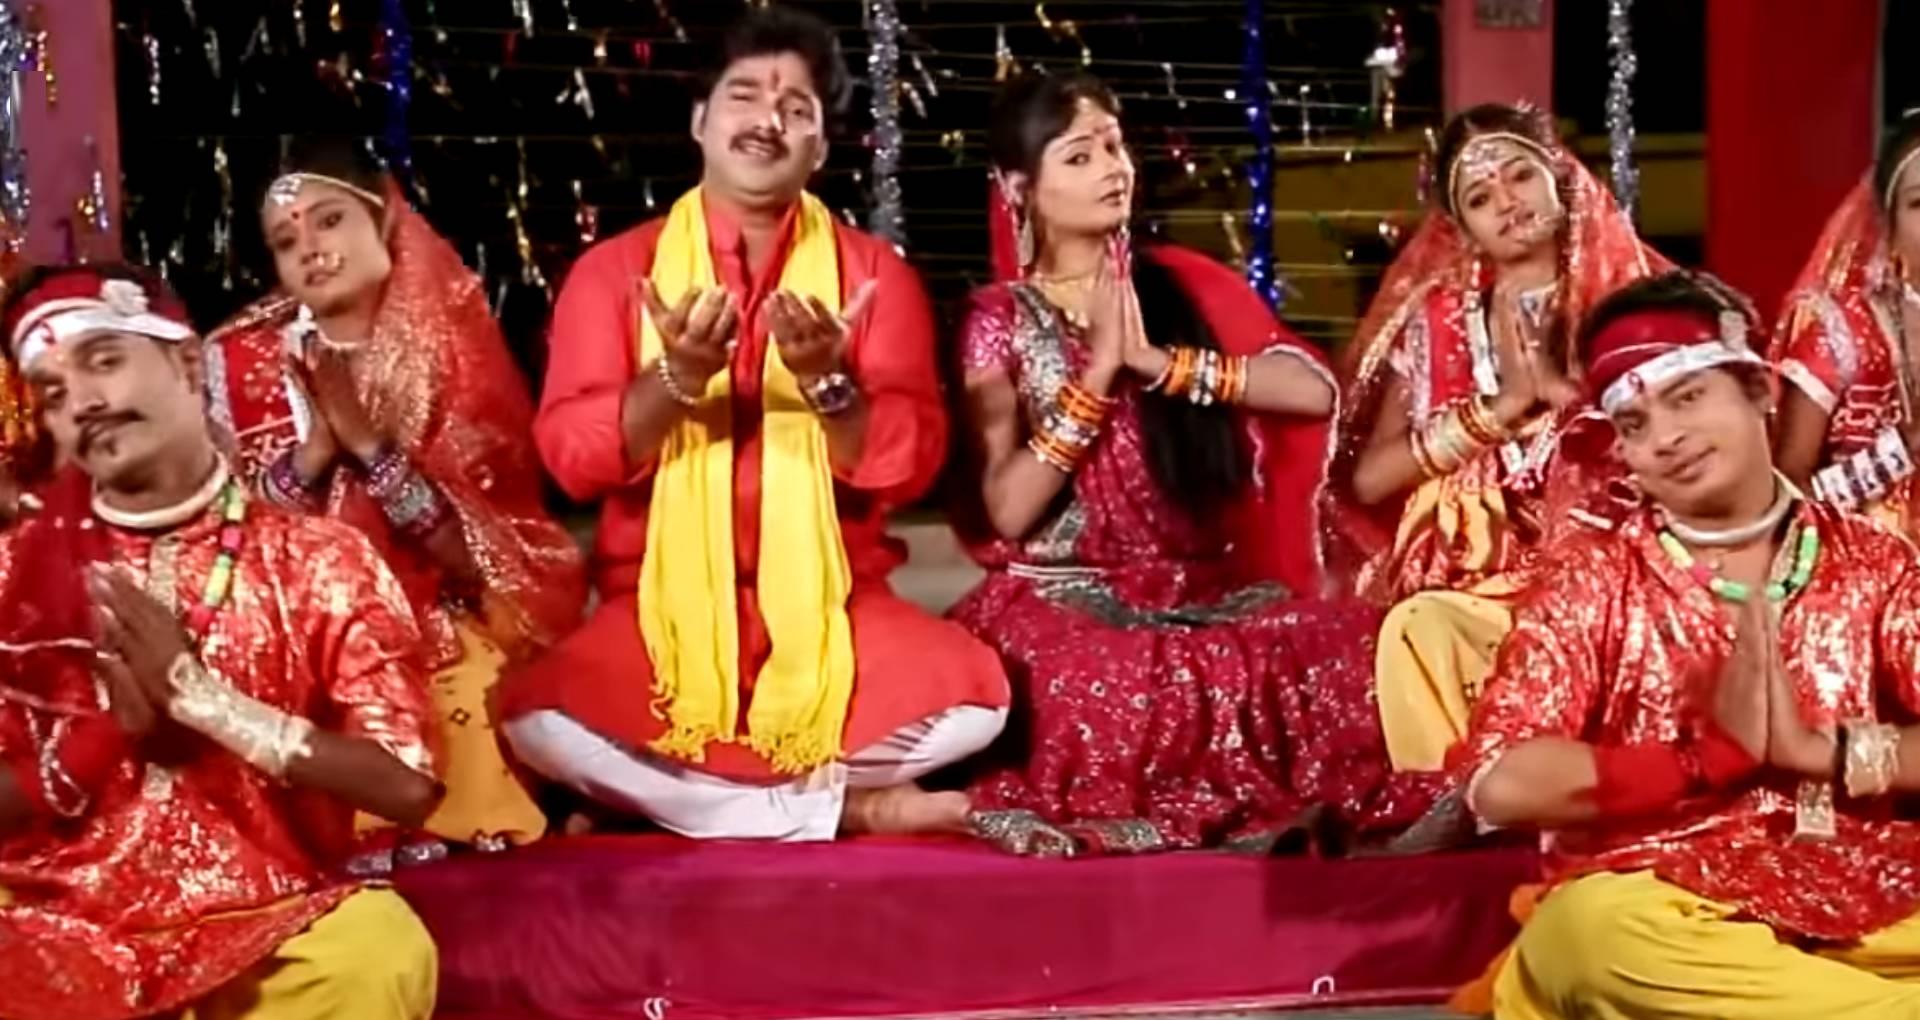 Chhath Geet 2019: पवन सिंह का नया छठ गीत लॉन्च, नदी के घाट पर ऐसे कर रहे हैं सूर्य देवता से प्रार्थना